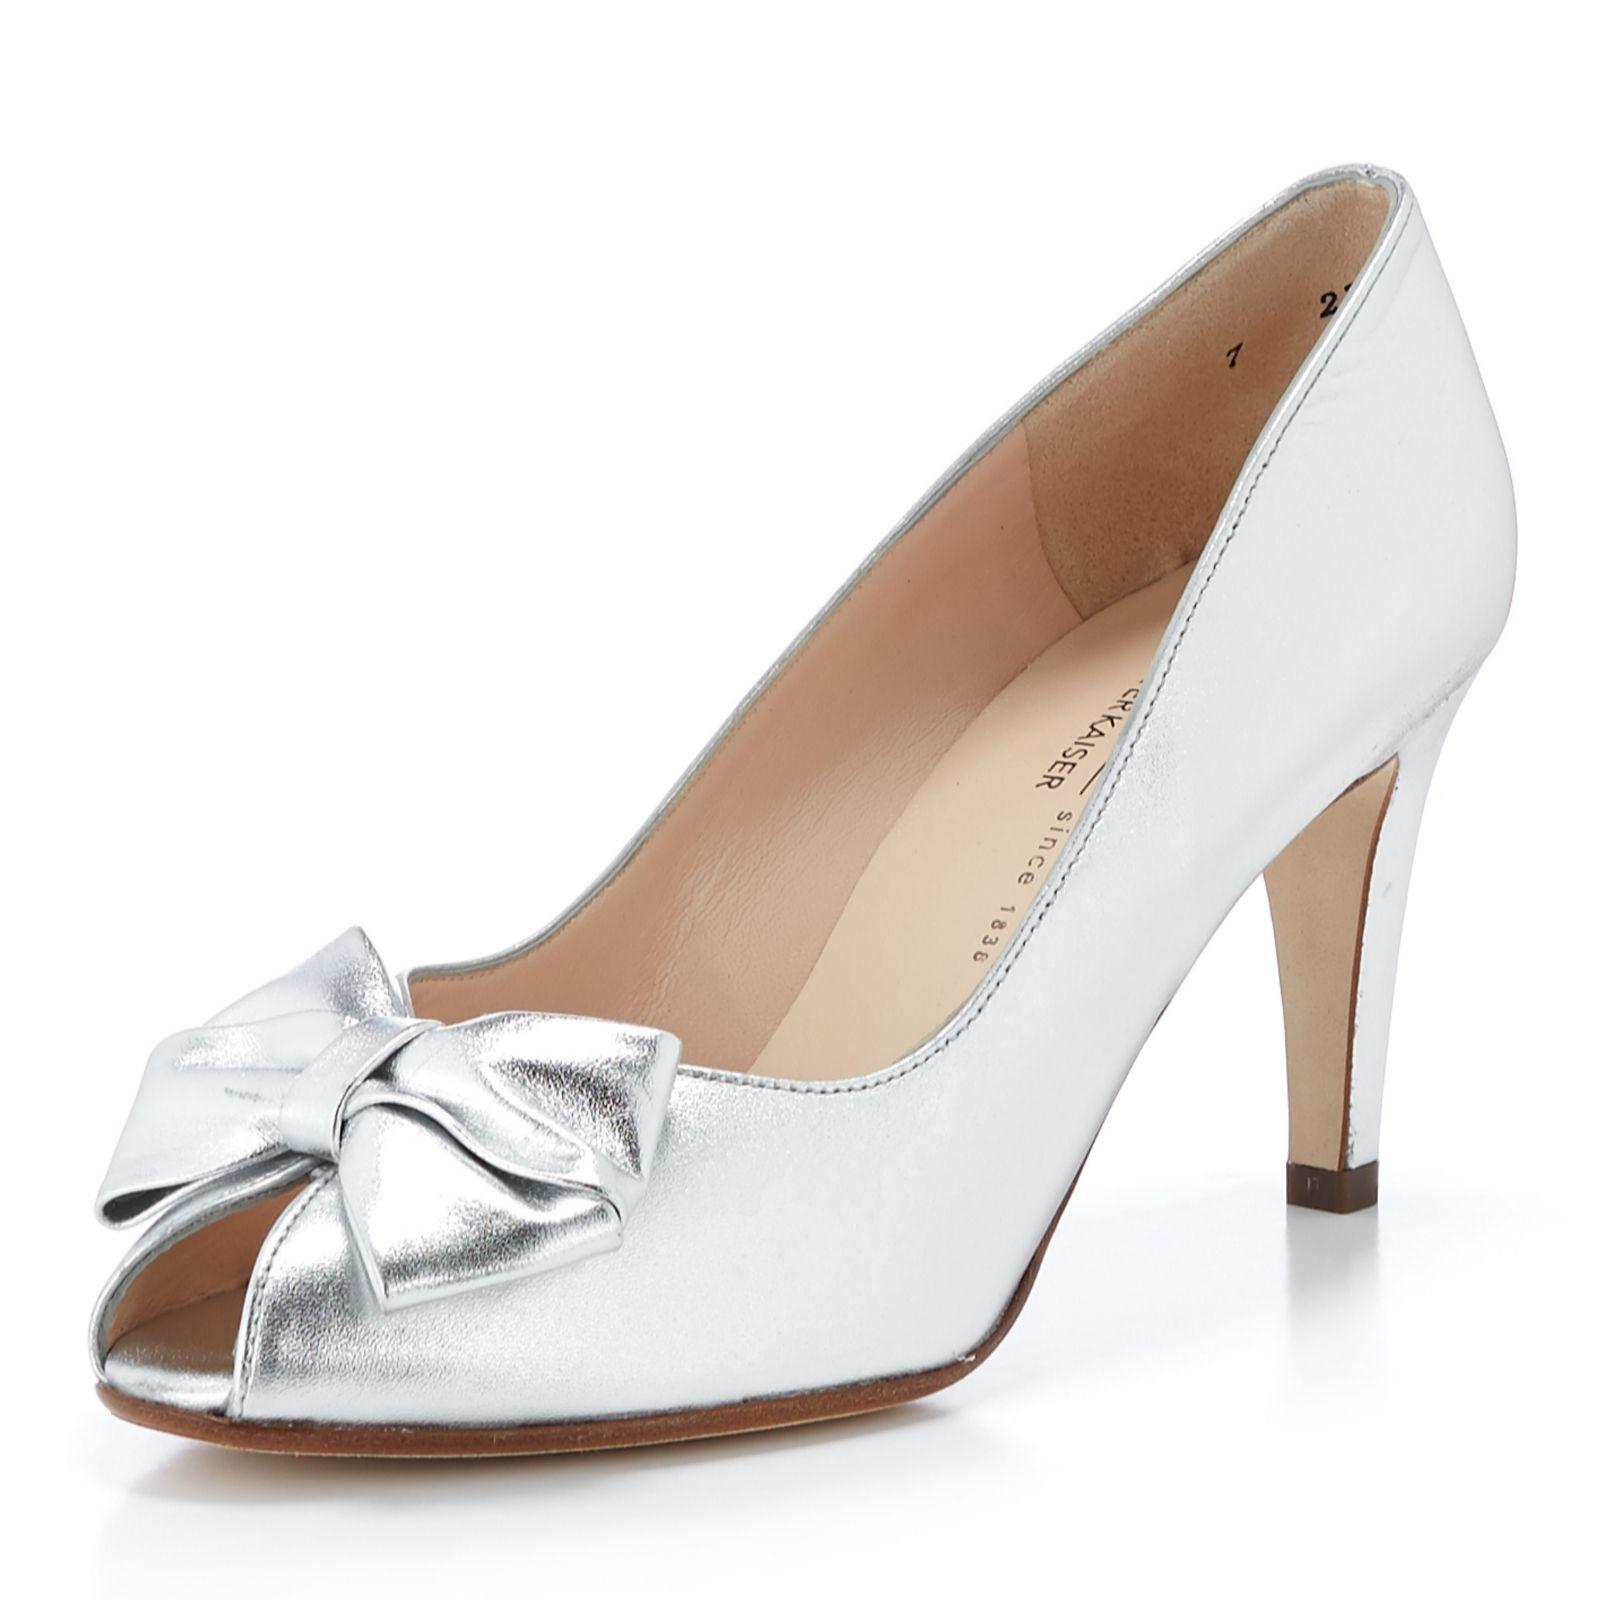 size 40 b0bca 21e7b Peter Kaiser Stila Bow Peep Court Shoe - QVC UK